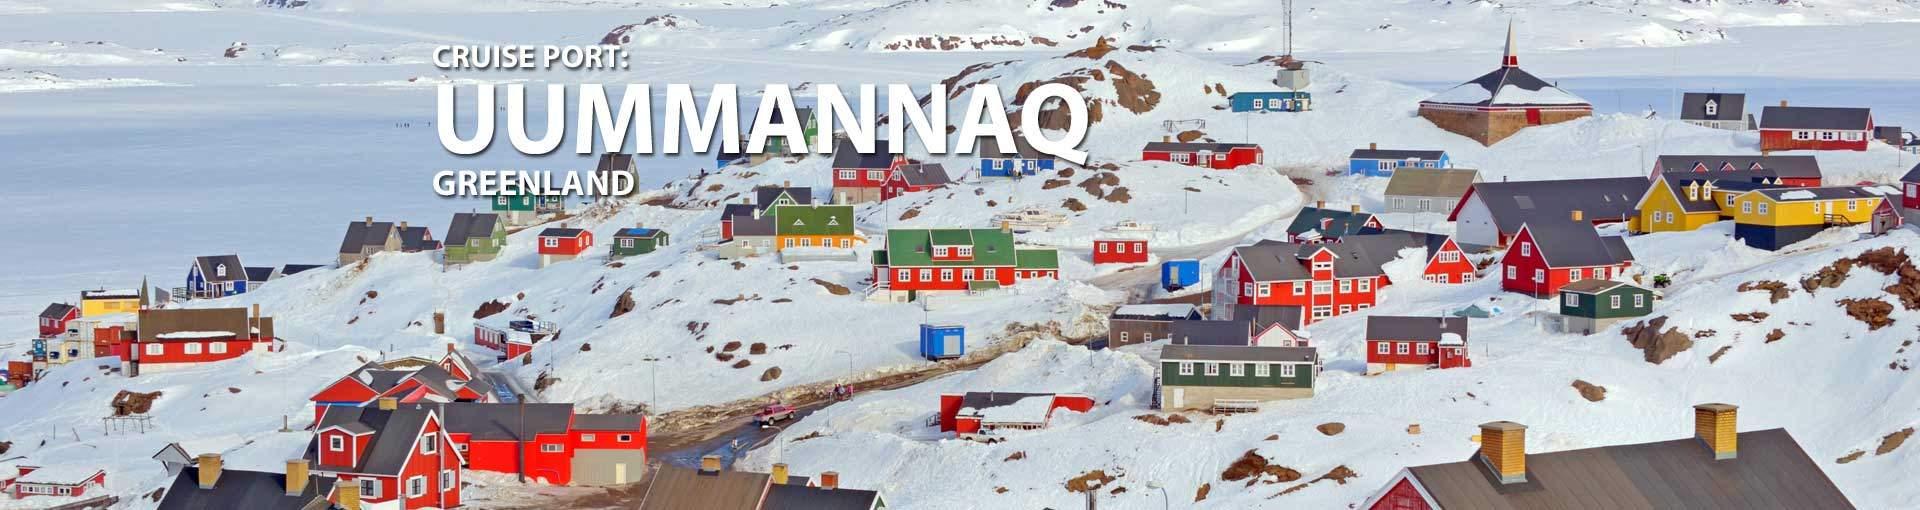 Cruises to Uummannaq, Greenland